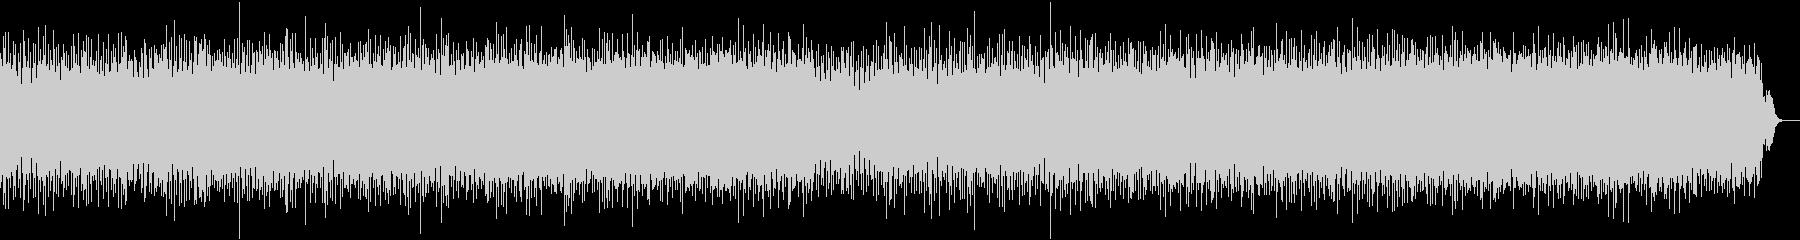 追跡、調査のシーン/エレクトロの未再生の波形